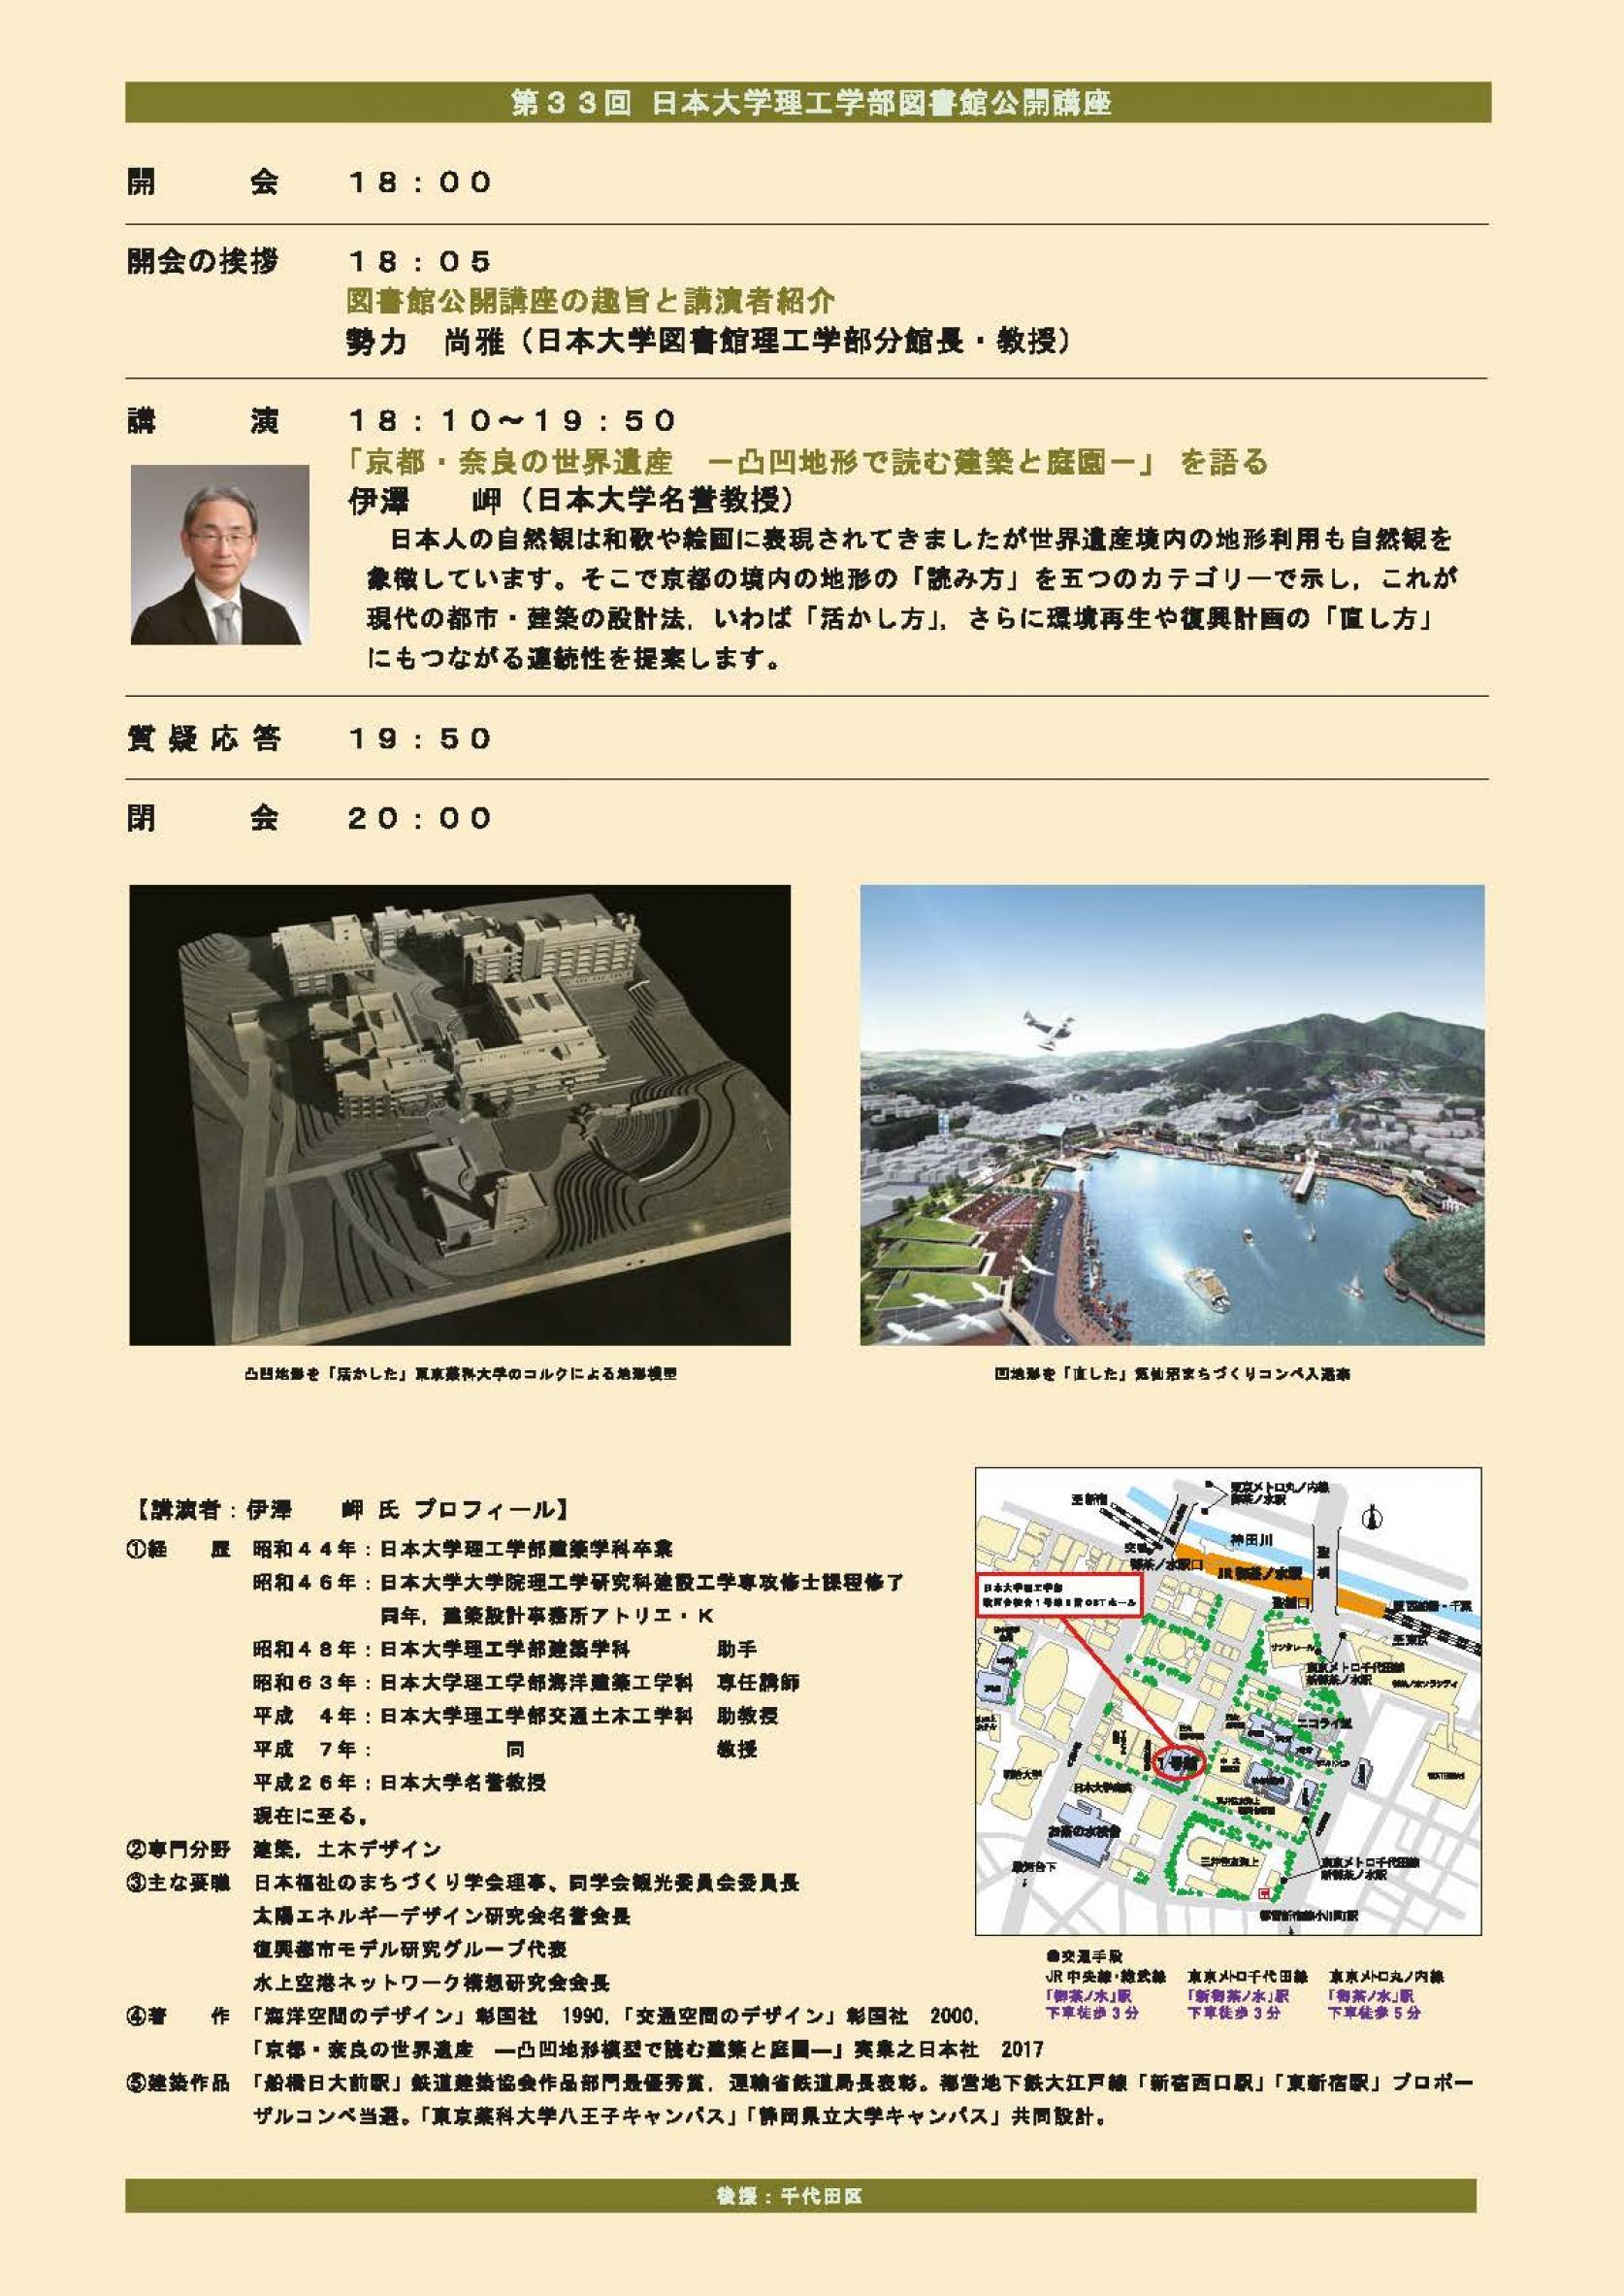 第33回日本大学理工学部図書館公開講座 「京都・奈良の世界遺産 ―凸凹地形模型で読む建築と庭園―」を語る